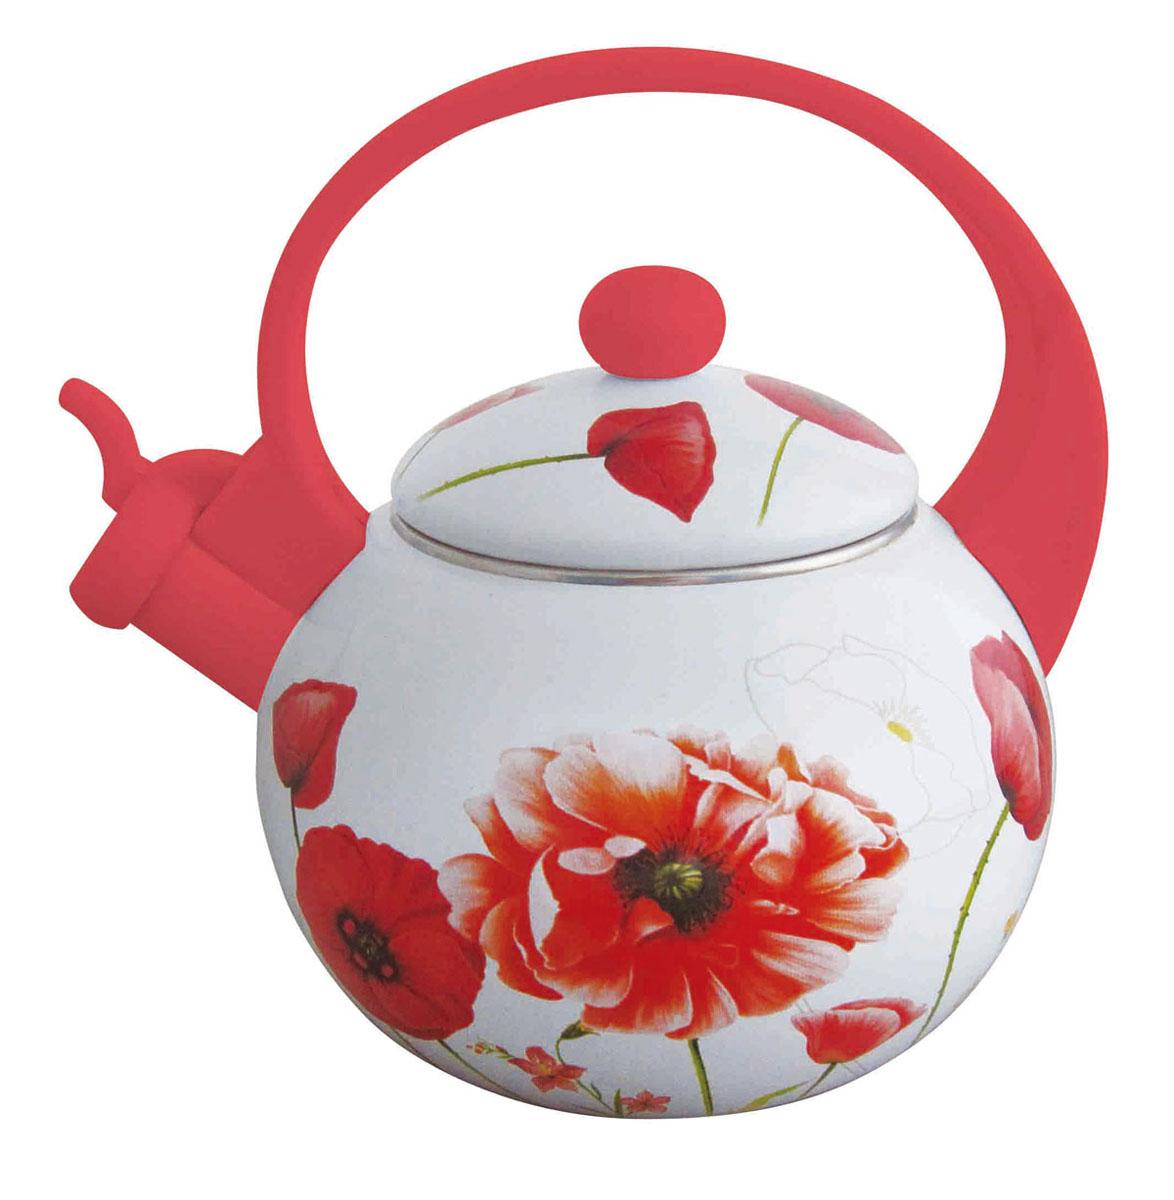 Чайник Winner, со свистком, цвет: белый, красный, 2 лWR-5101Чайник Winner выполнен из углеродистой стали с эмалированной поверхностью (внутри и с наружи) и оформлен ярким изображением красных маков. Носик чайника имеет откидной свисток (фиксируется в открытом виде), звуковой сигнал которого подскажет, когда закипит вода. Ручка и свисток выполнены из бакелита красного цвета. Изделие подходит для использования на всех видах плит, включая индукционные. Рекомендуется ручная чистка. Характеристики: Материал: углеродистая сталь, бакелит. Объем: 2 л. Цвет: белый, красный. Диаметр основания чайника: 14 см. Высота чайника (без учета ручки): 12 см. Толщина стенки: 0,8 мм. Размер упаковки: 19,5 см х 19,5 см х 22,5 см. Производитель: Германия. Изготовитель: Китай. Артикул: WR-5101.